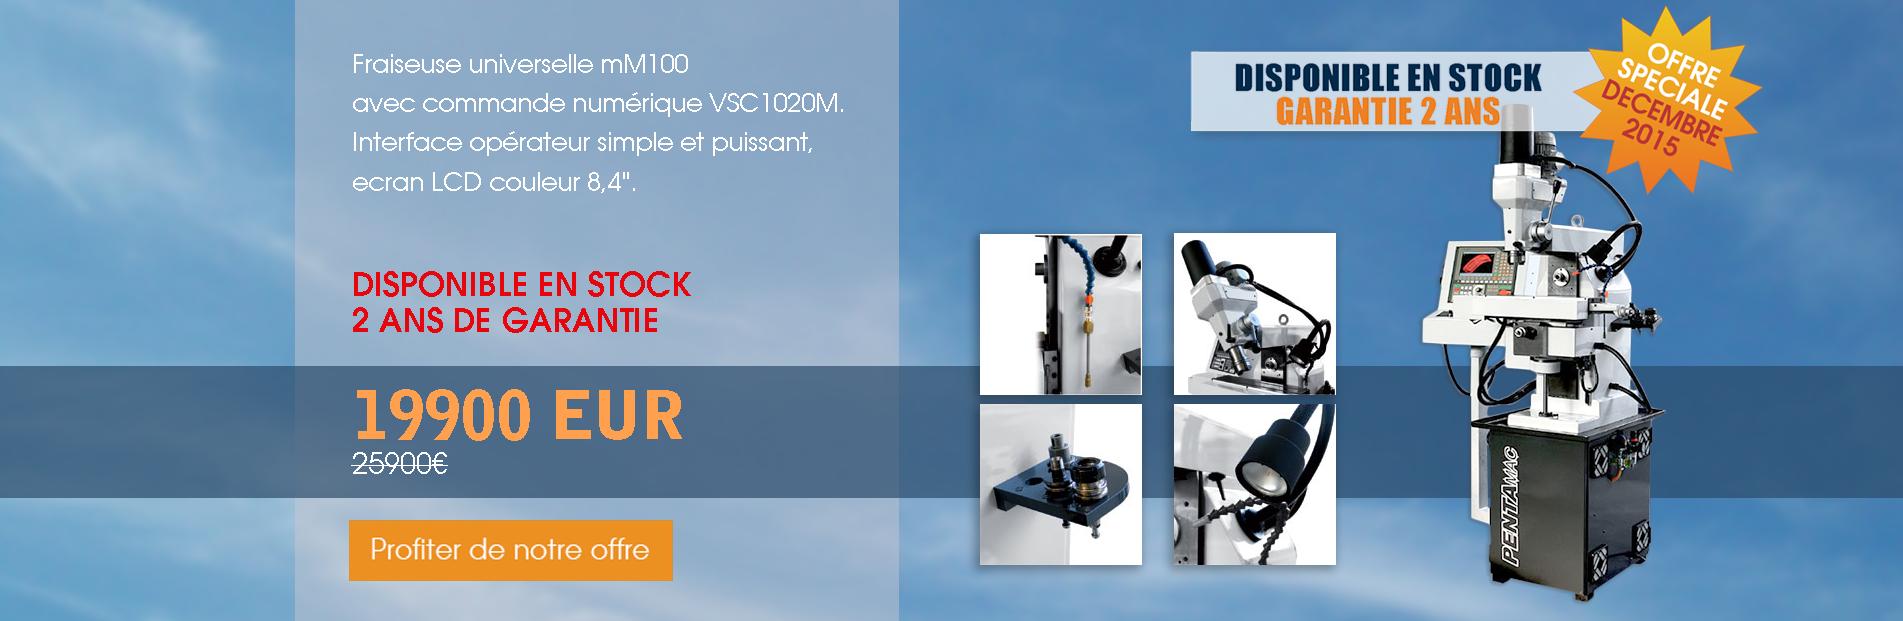 OFFRE SPECIALE | FRAISEUSE A CNC mM100